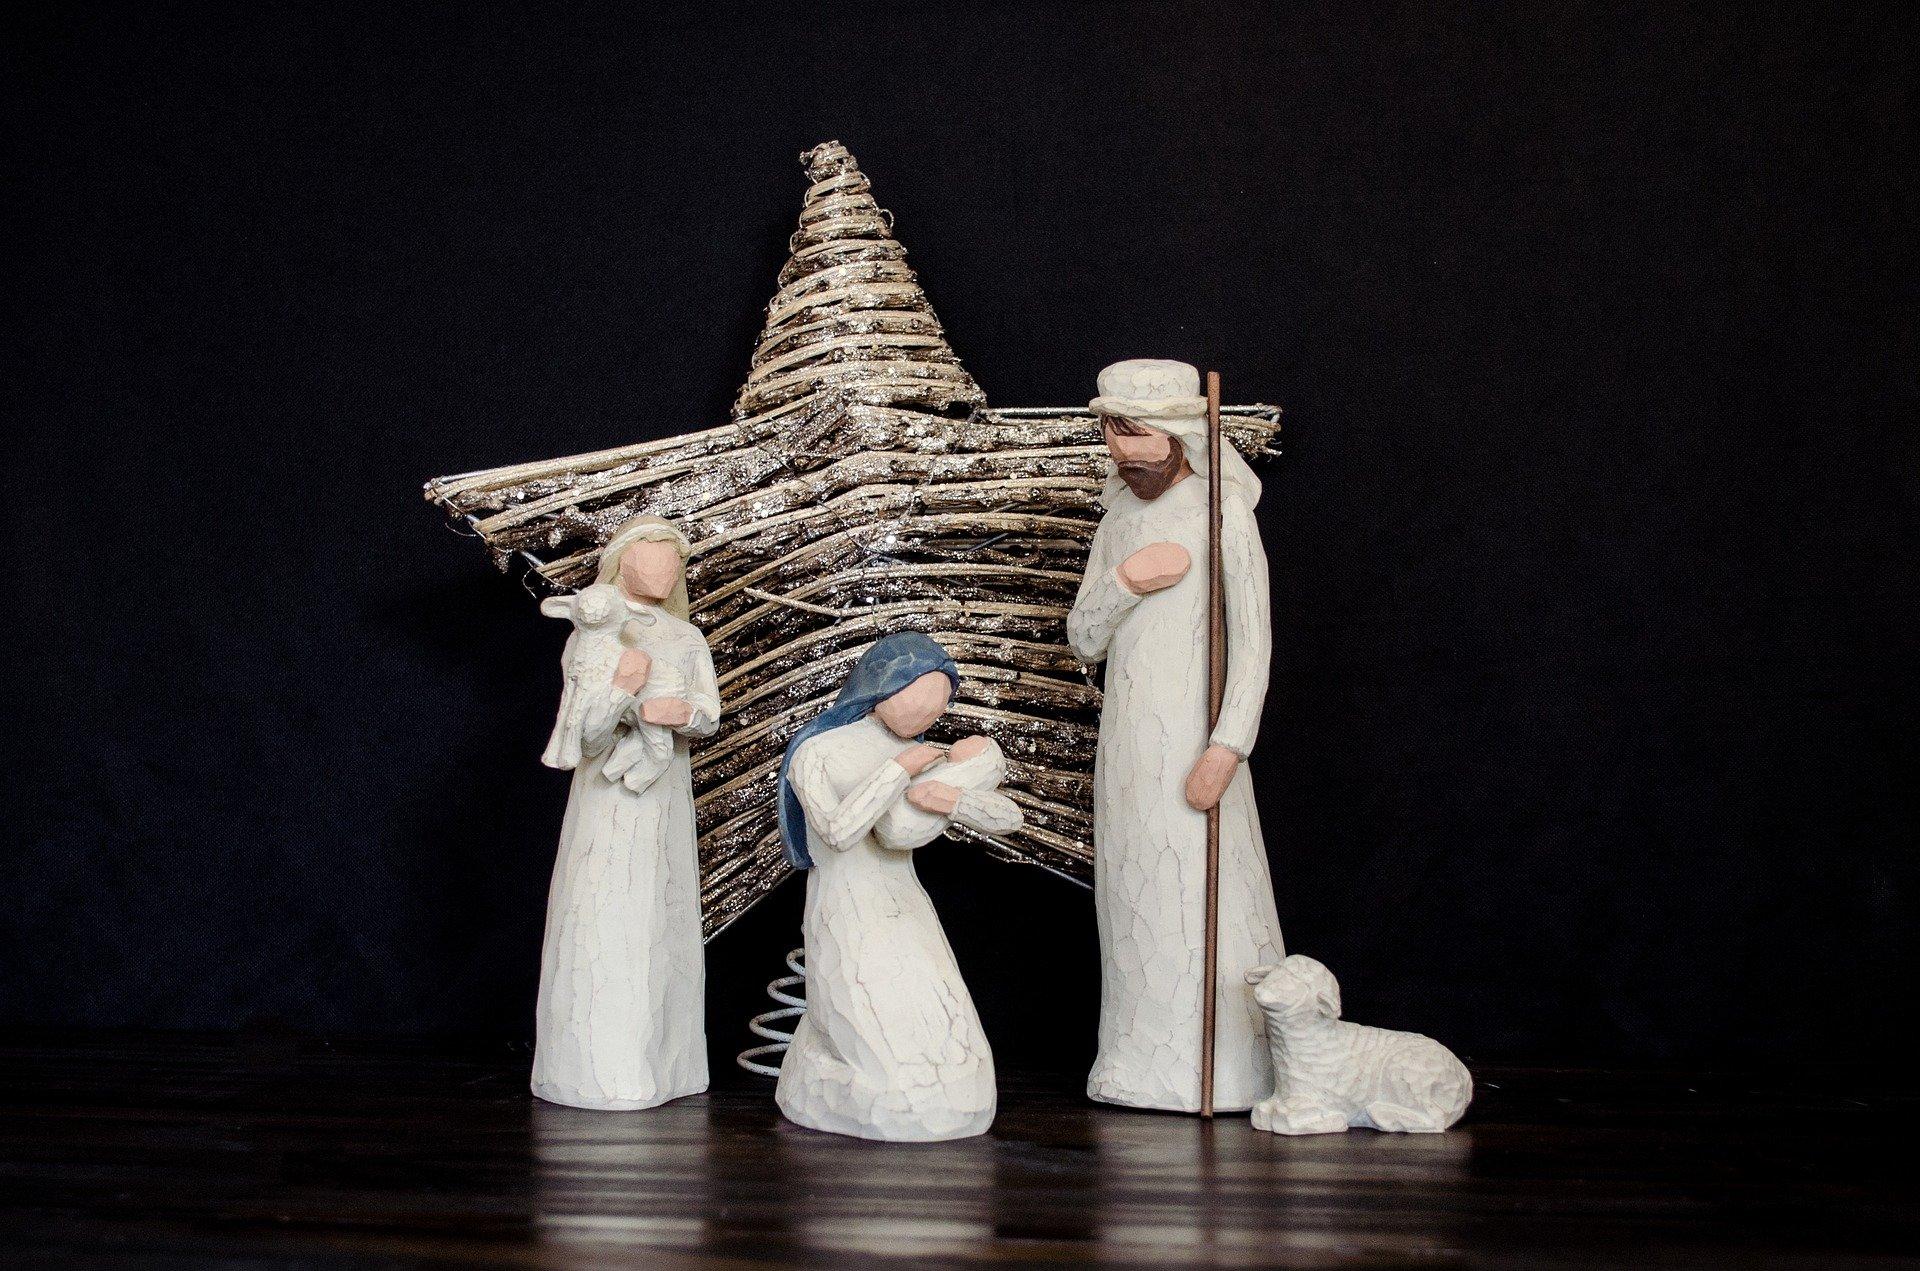 nativity-3846243_1920